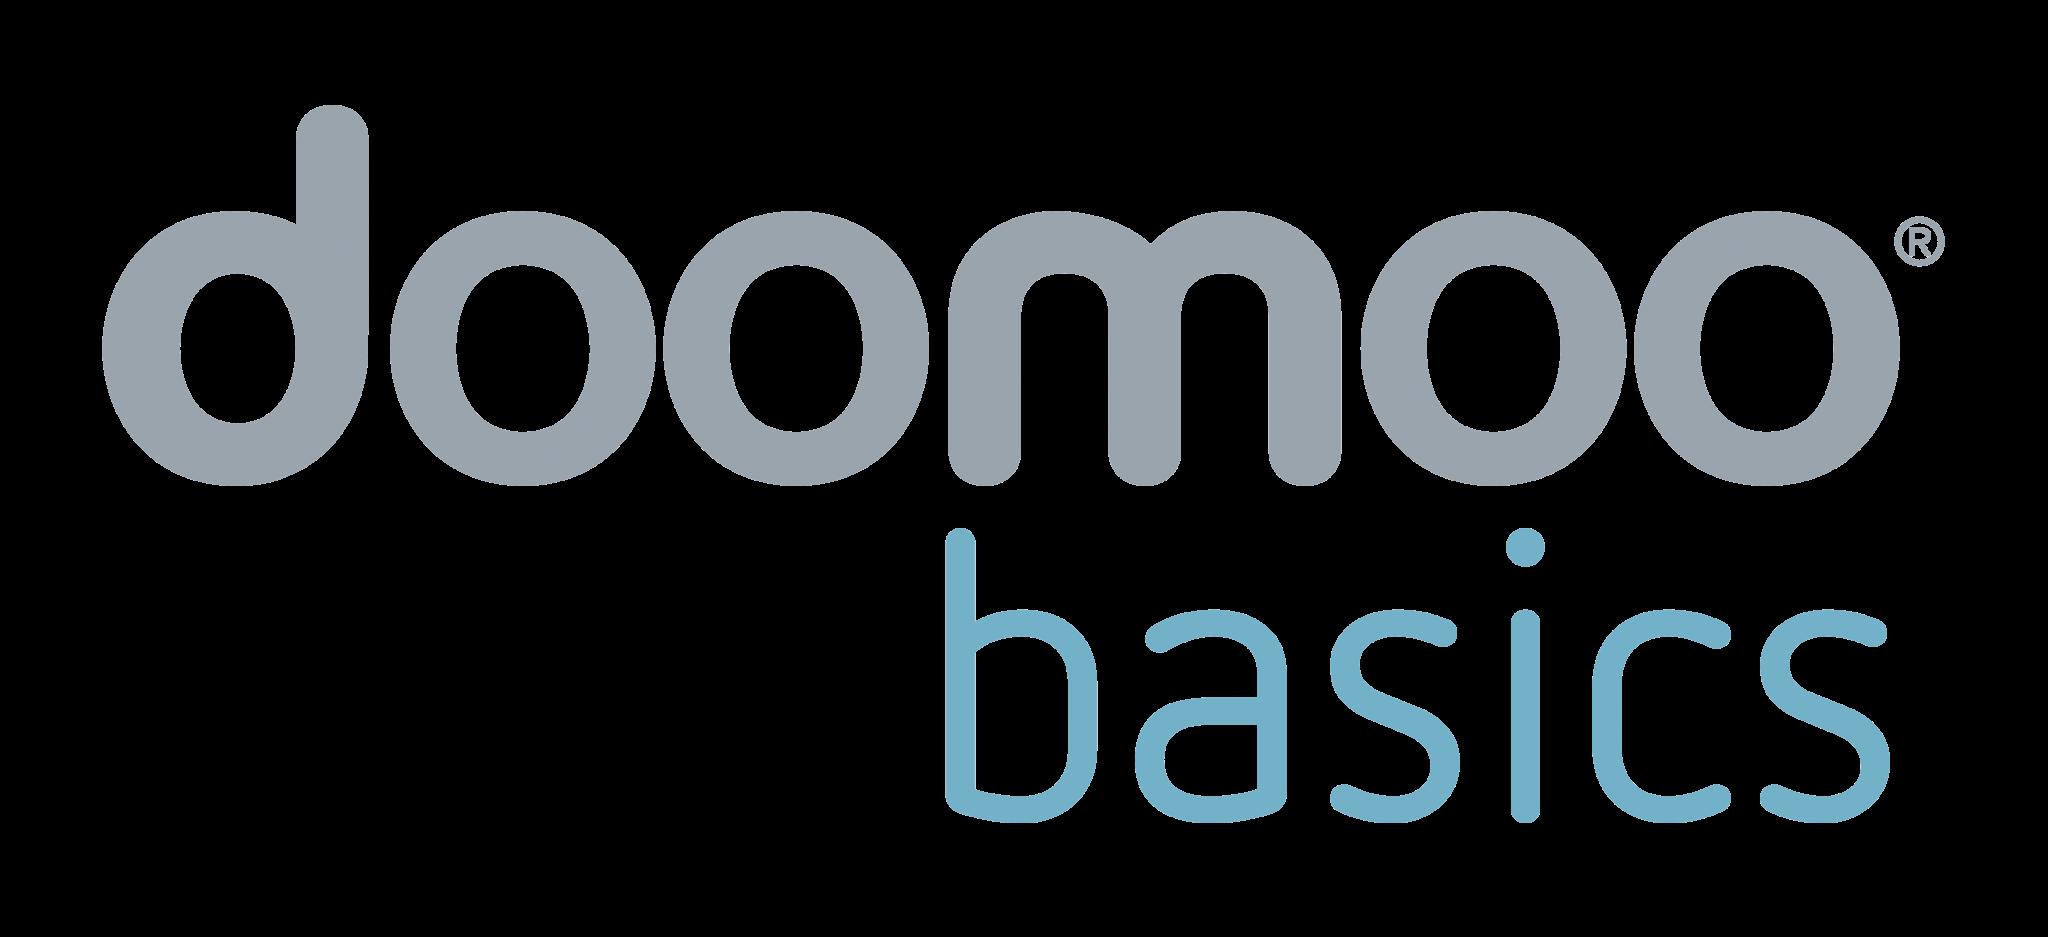 Doomoo Basics